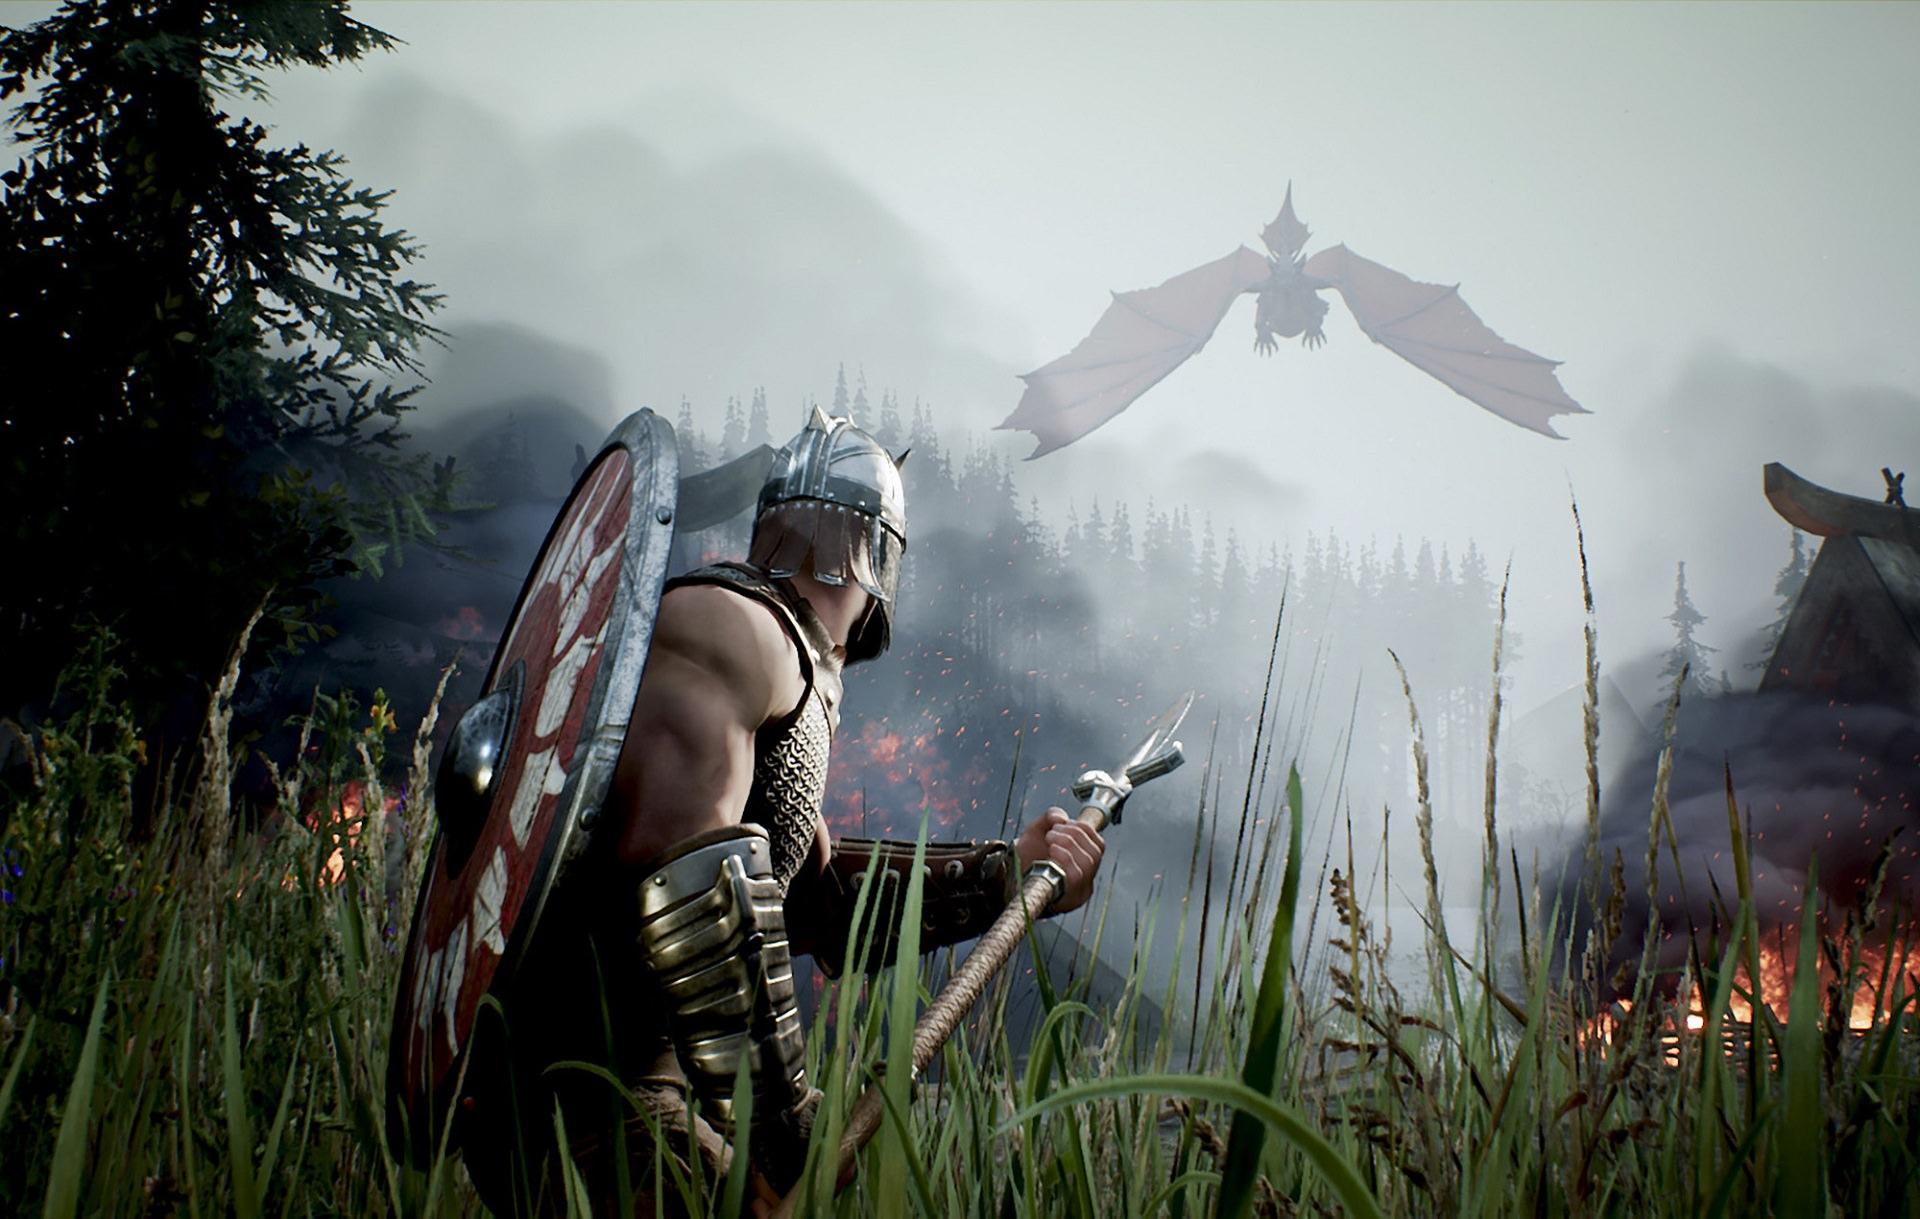 تصویری از دنیای بازی Rune 2 از استودیوی هیومن هد